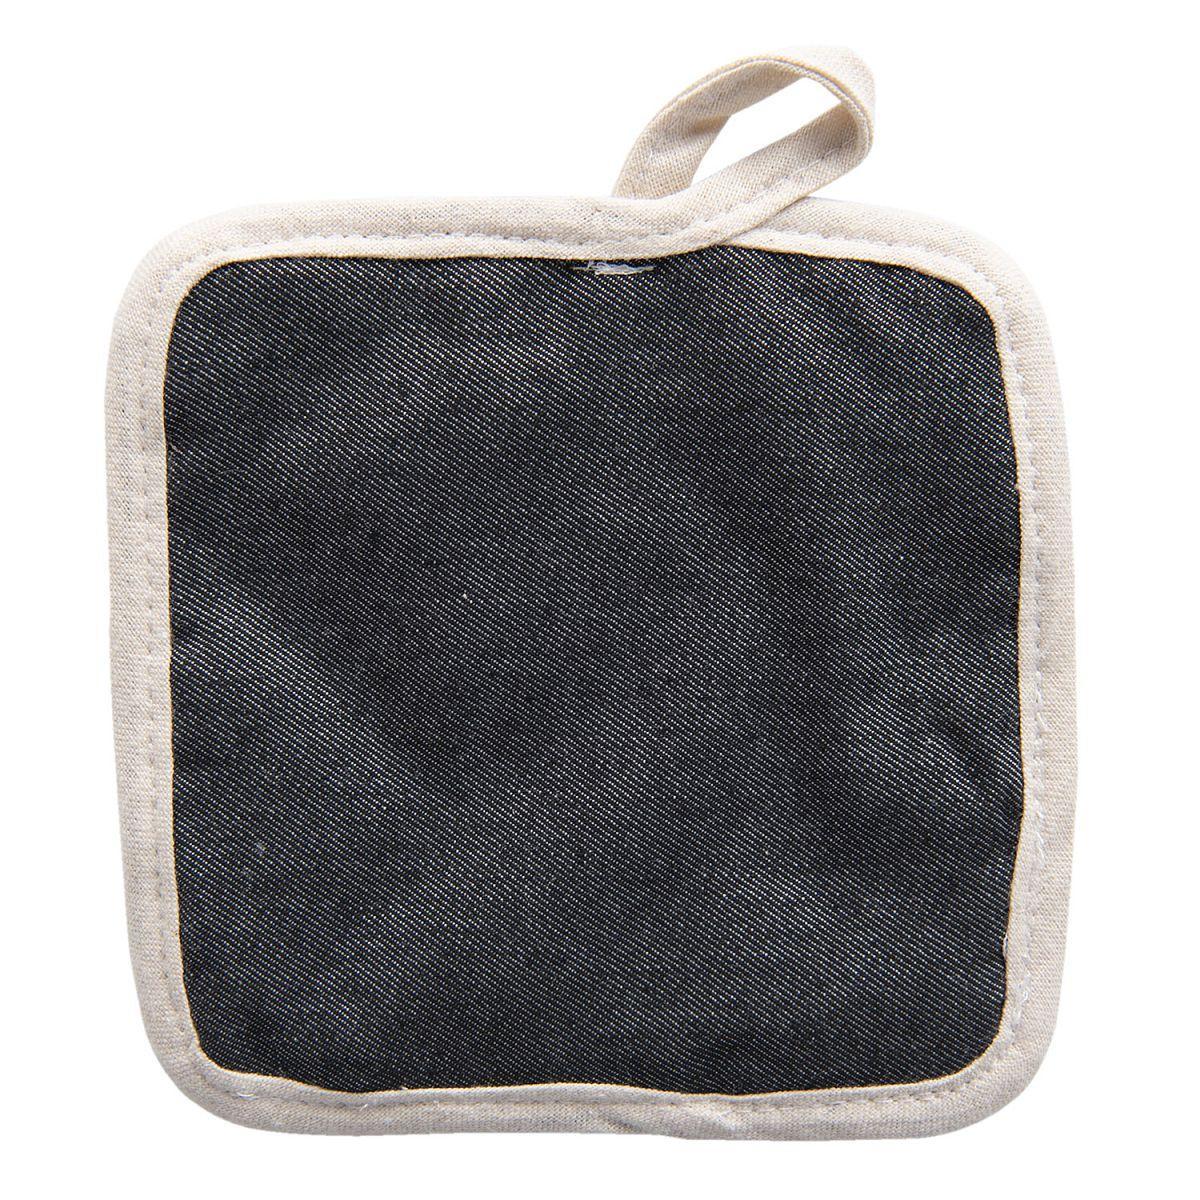 Podložka pod hrnec nebo chňapka 16*16 cm